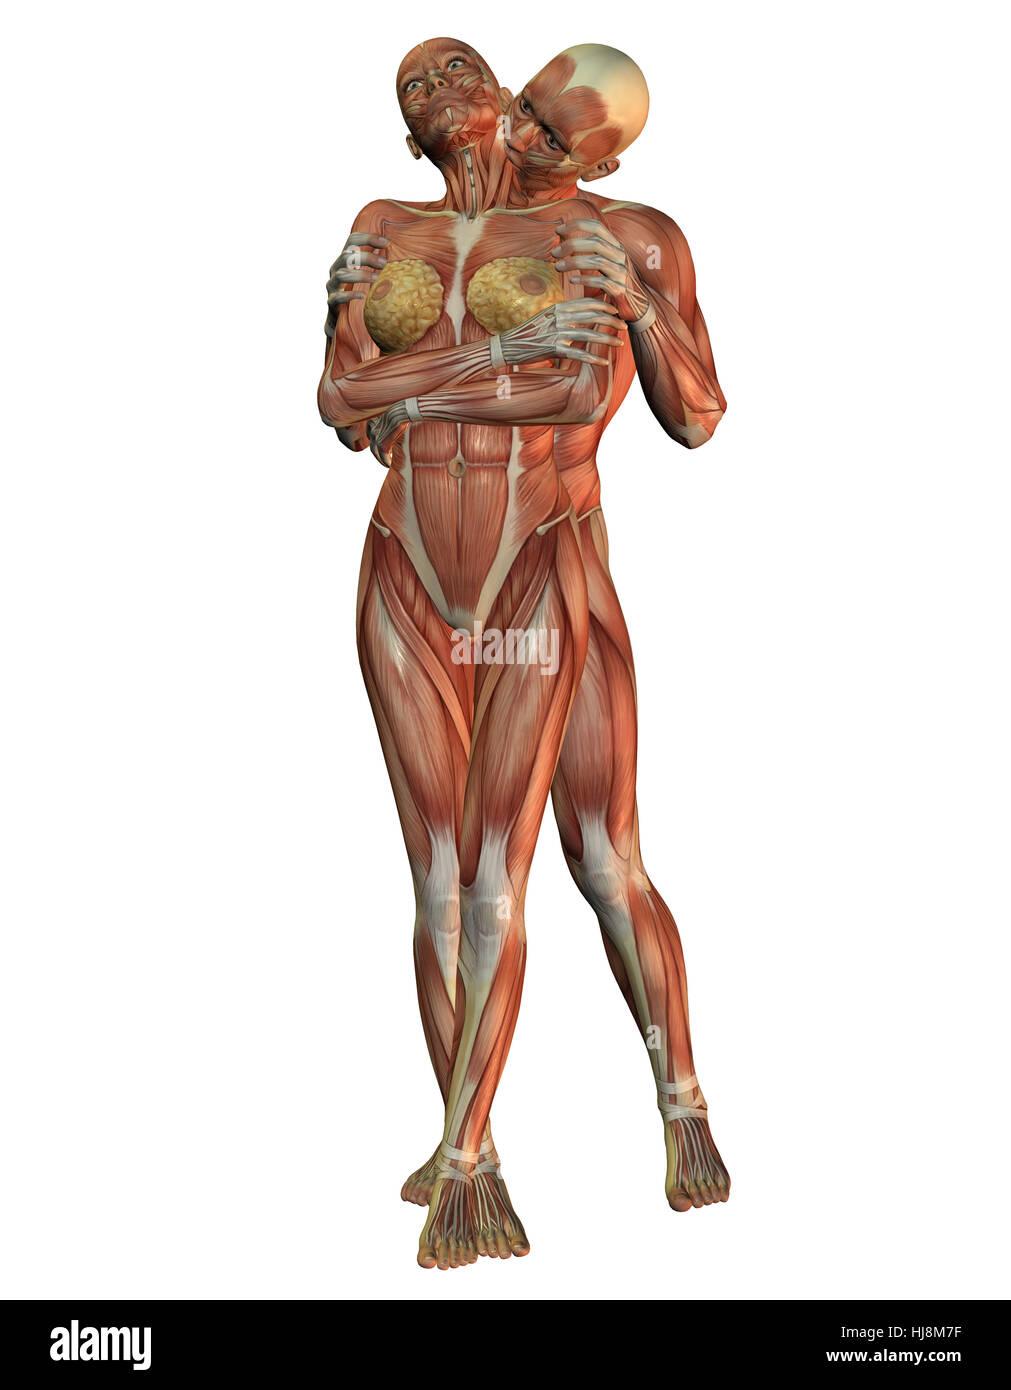 Wissenschaft, Mensch, Menschen, Muskel, Illustration, Anatomie ...